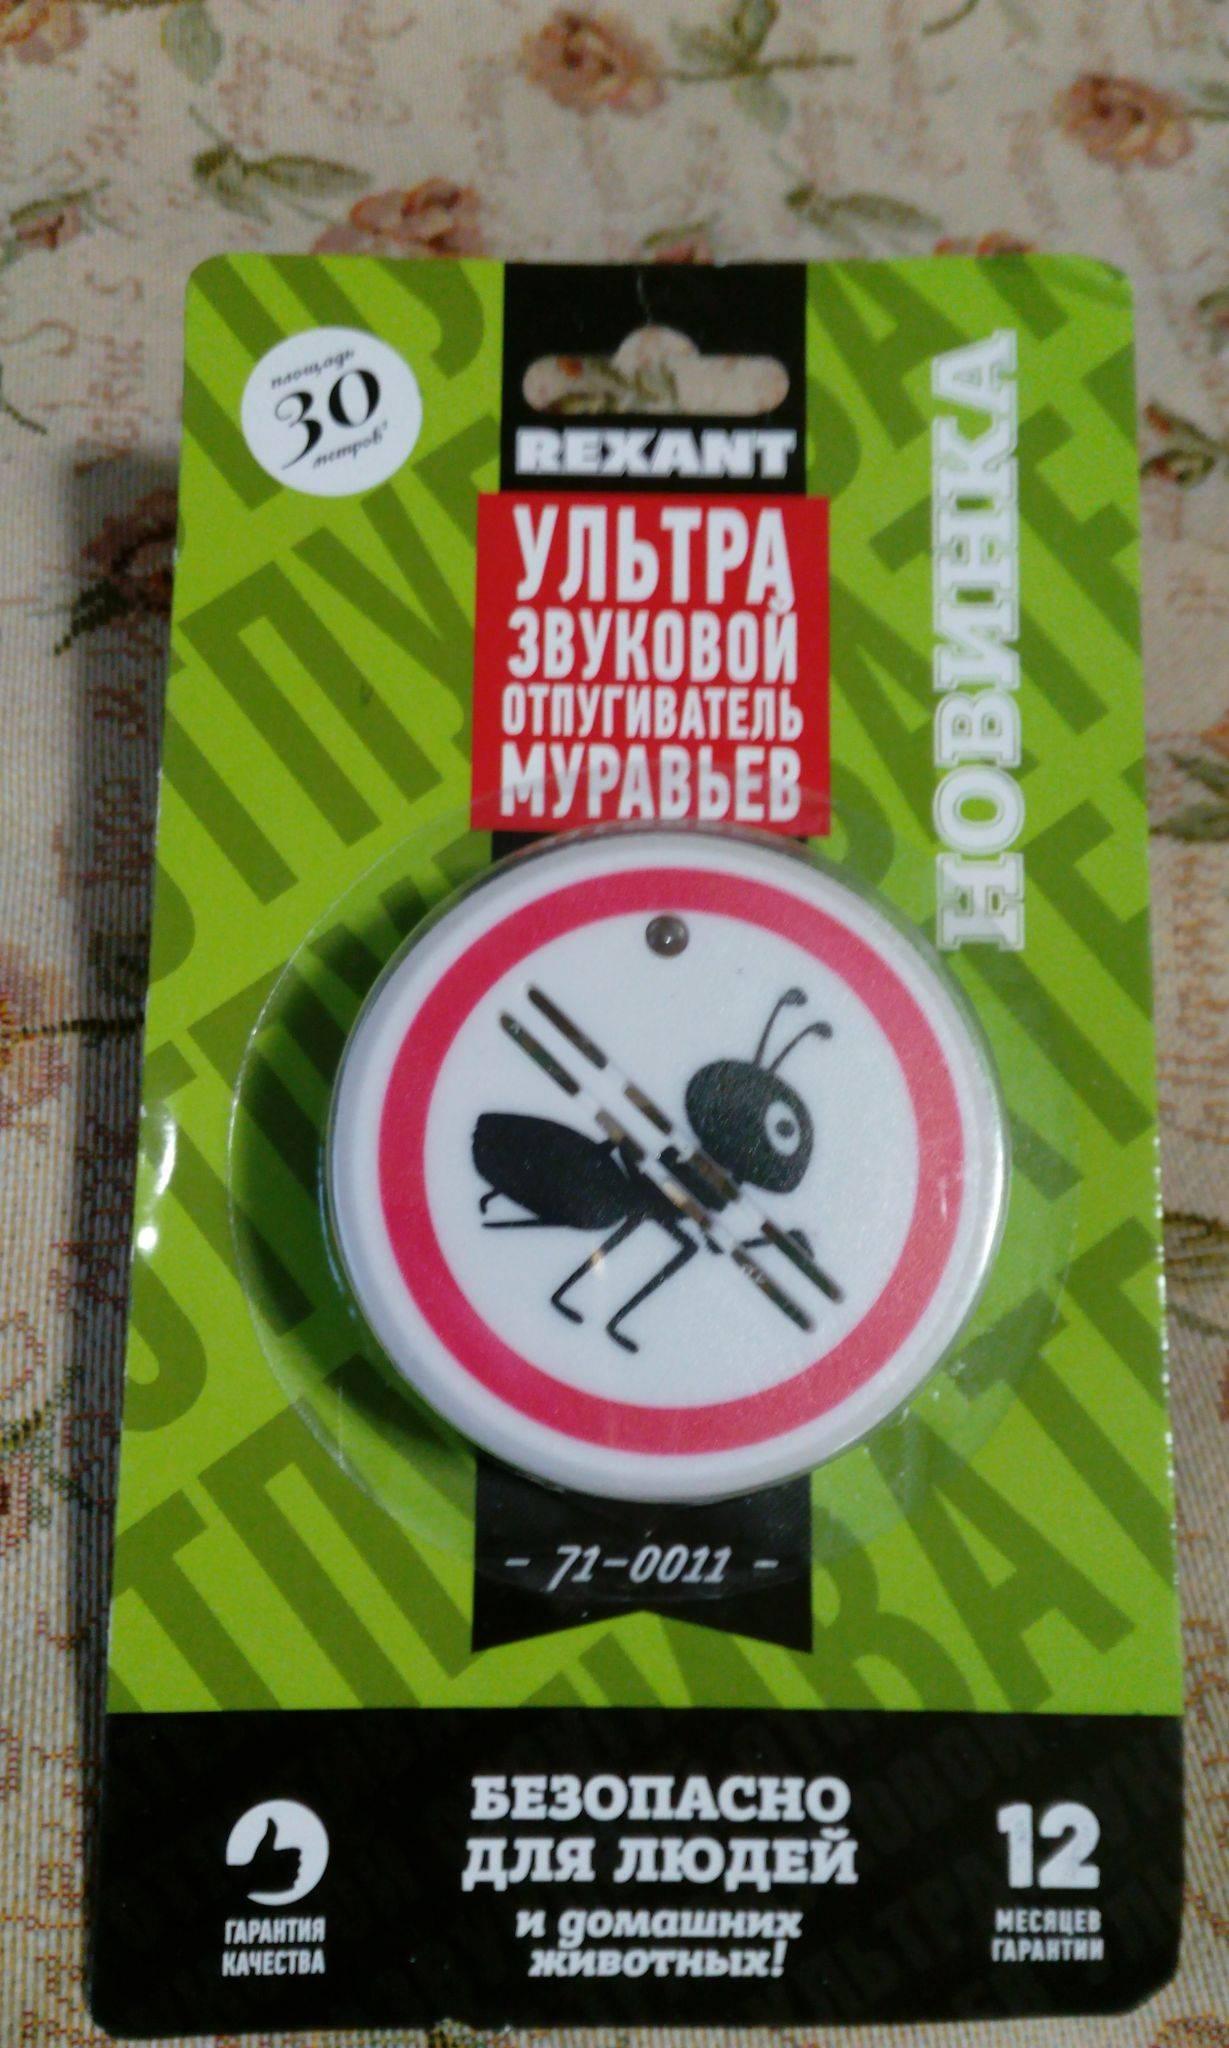 Отпугиватель муравьев: эффективен ли прибор